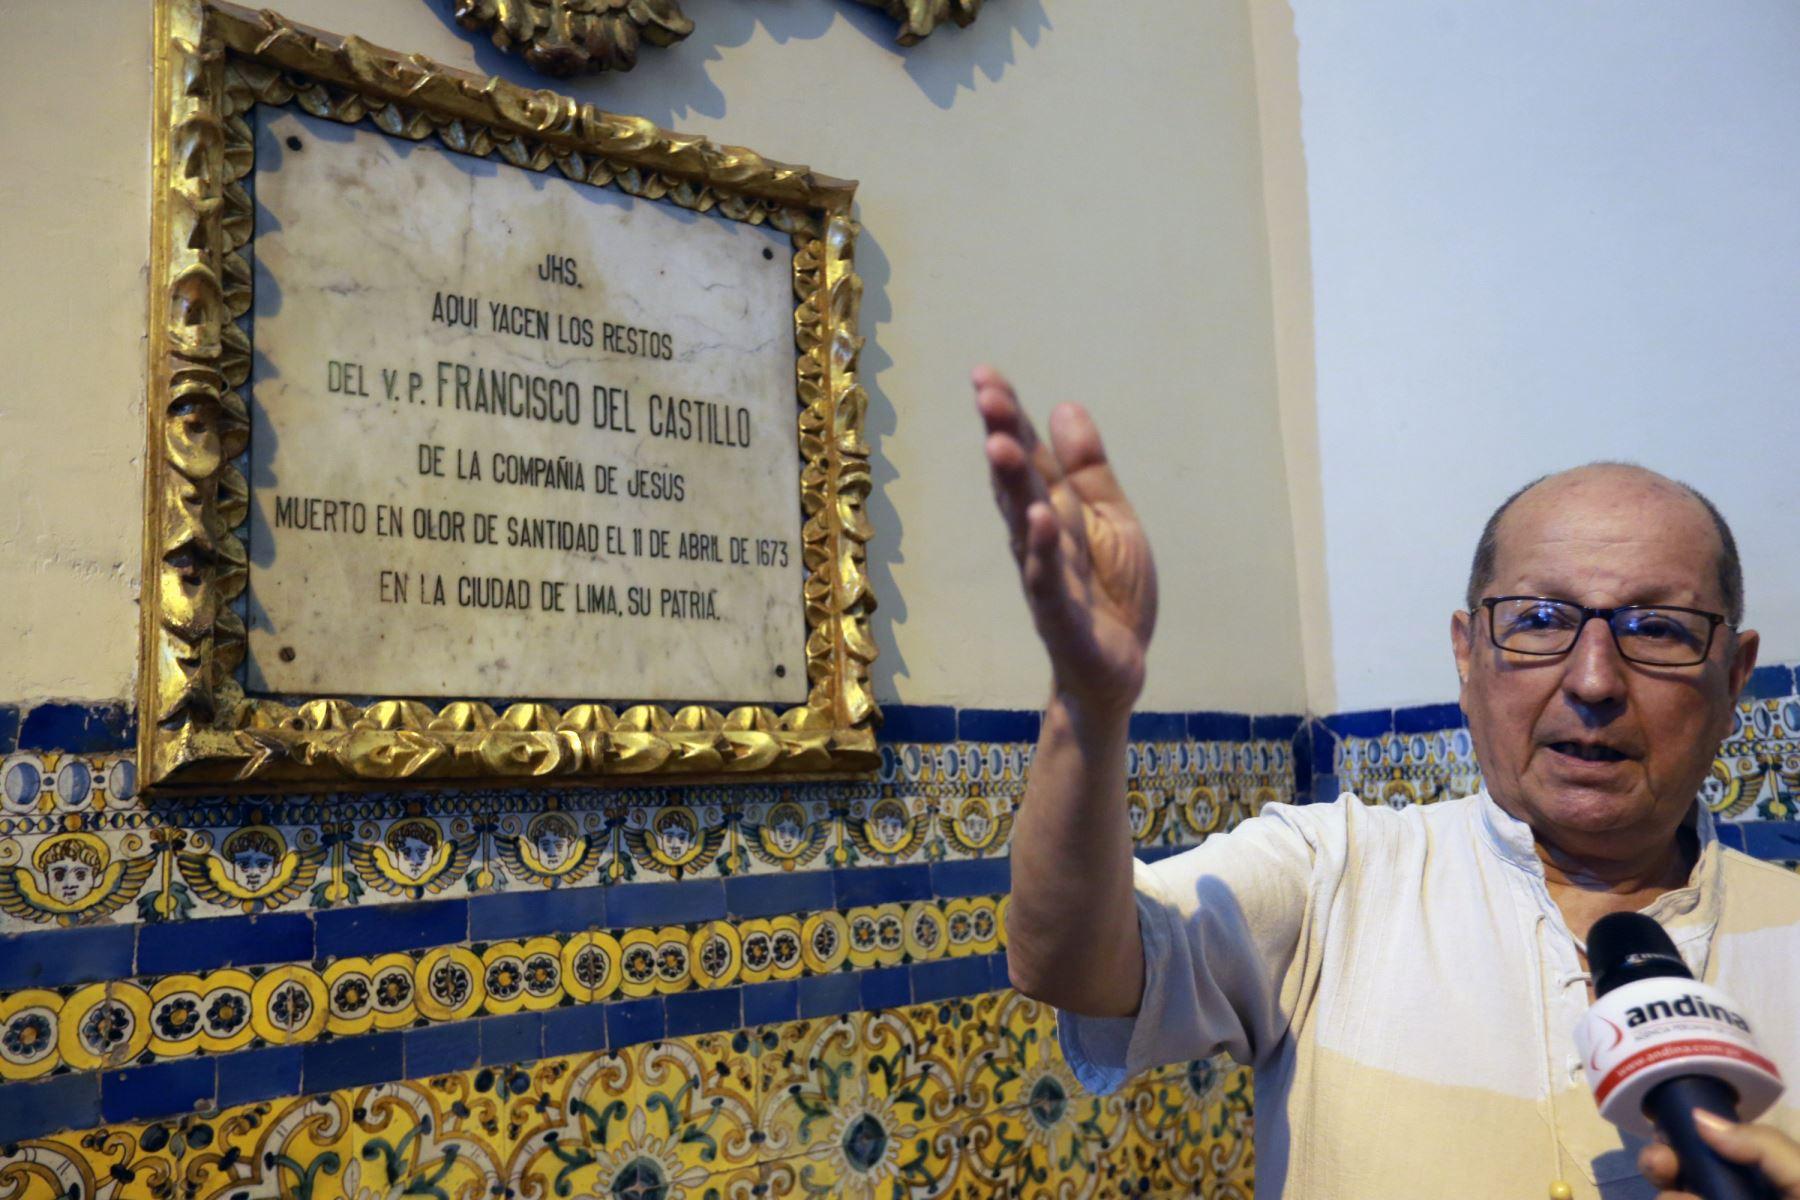 Tumba del sacerdote jesuita Francisco del Castillo, cuyo proceso de beatificación está en marcha. Foto: ANDINA/Norman Córdova